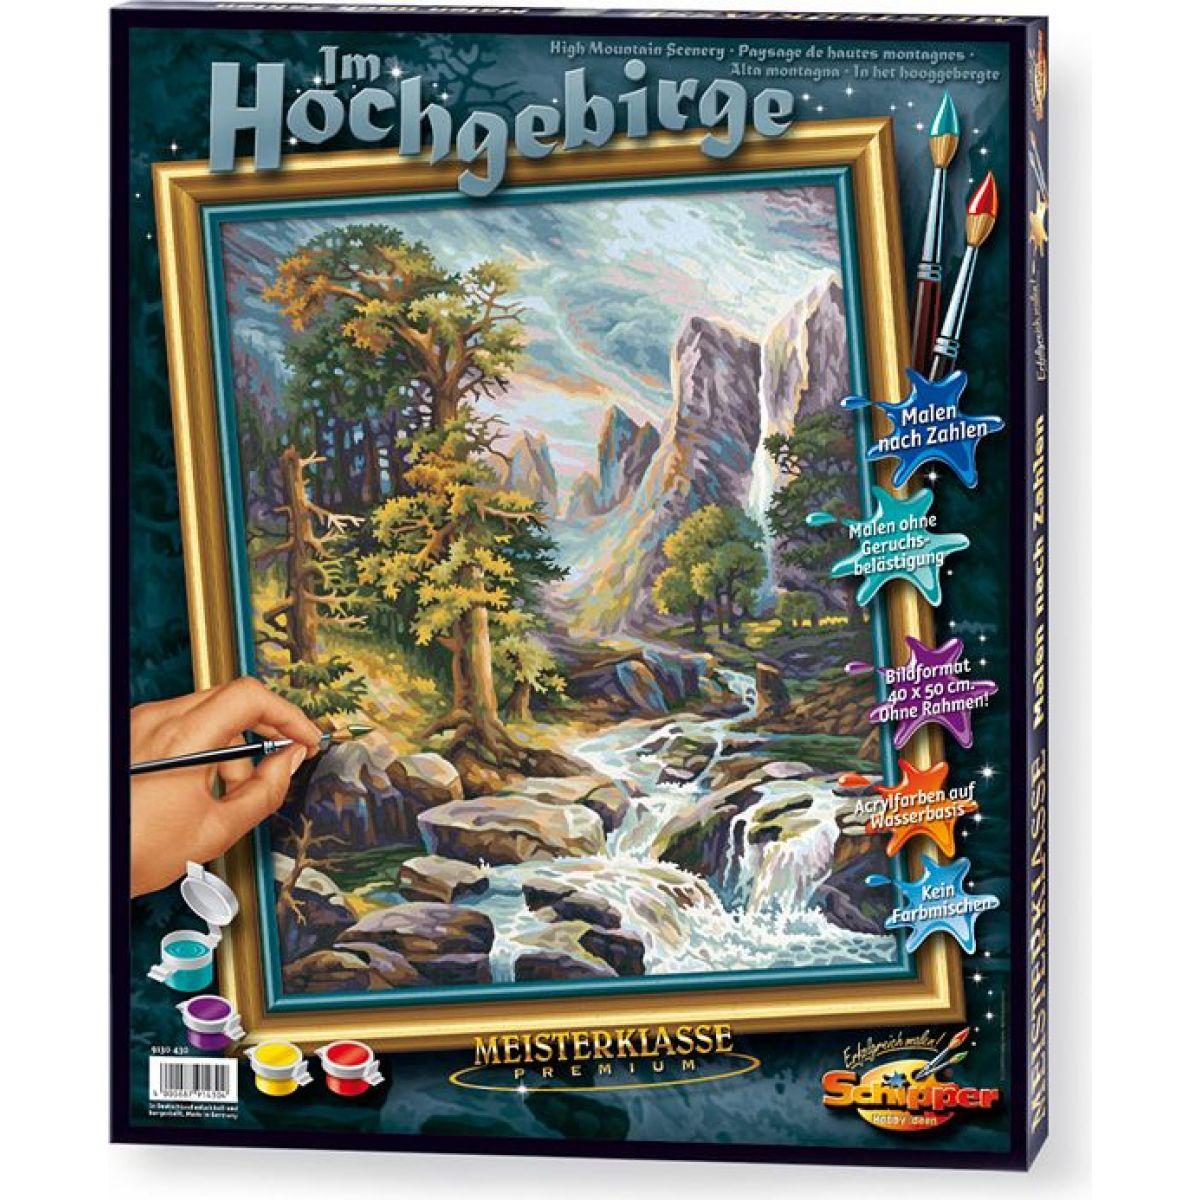 Schipper Premium Vysoké hory 40 x 50cm